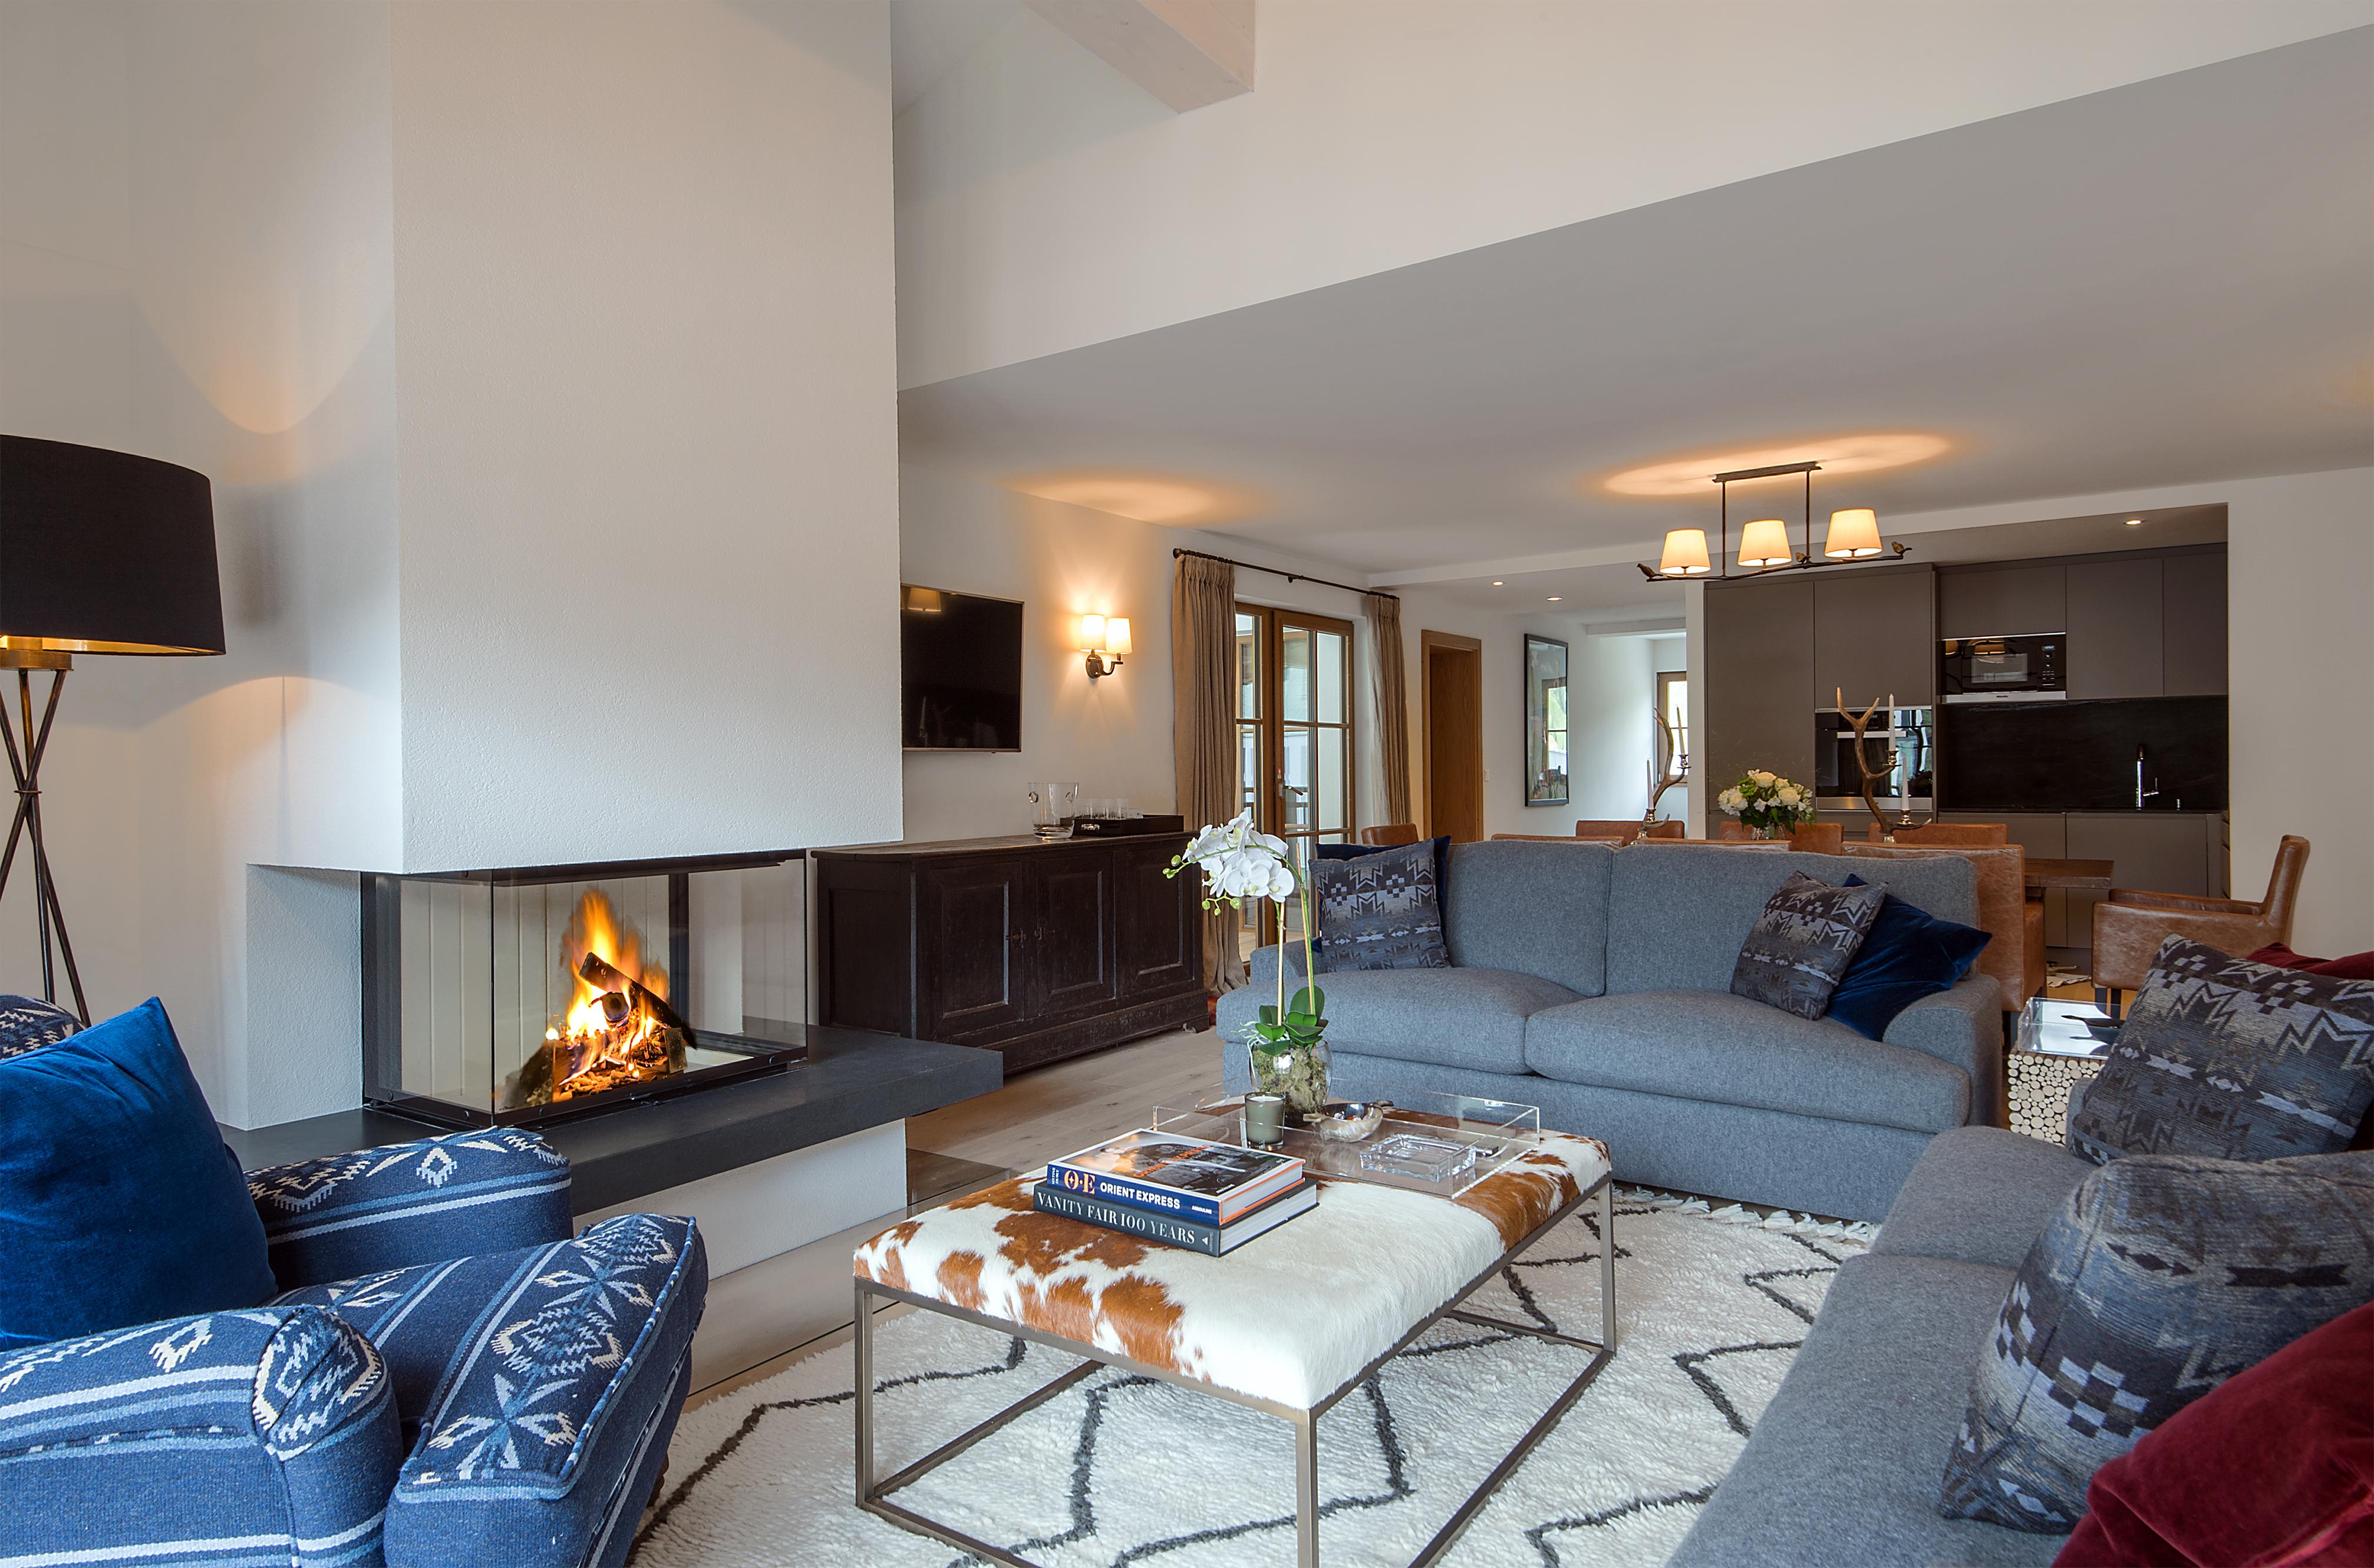 Silder - Apartment 5 - Wohnzimmer